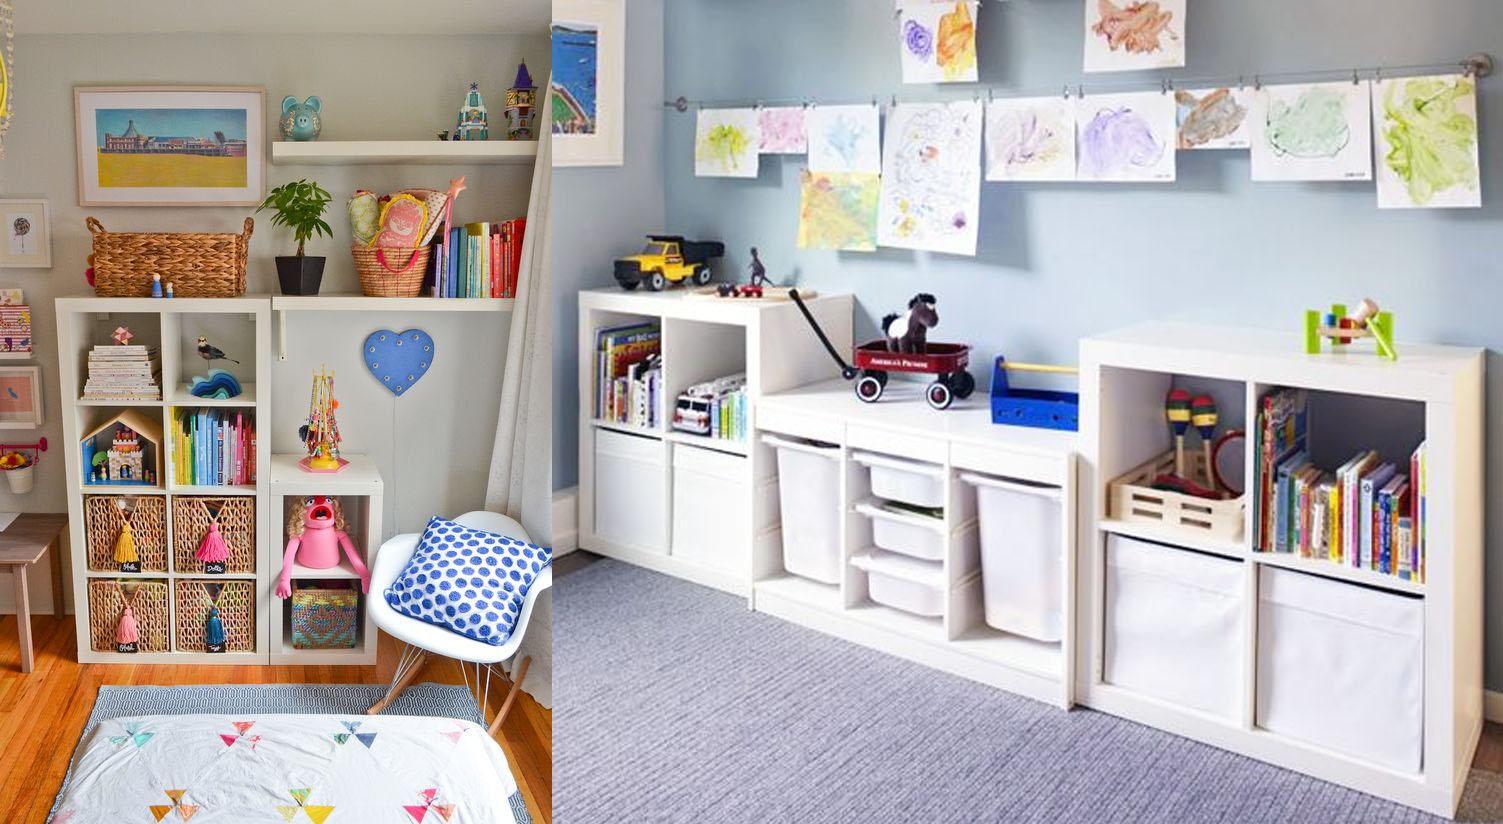 Estanter as infantiles en los dormitorios m s modernos - Dormitorios infantiles modernos ...